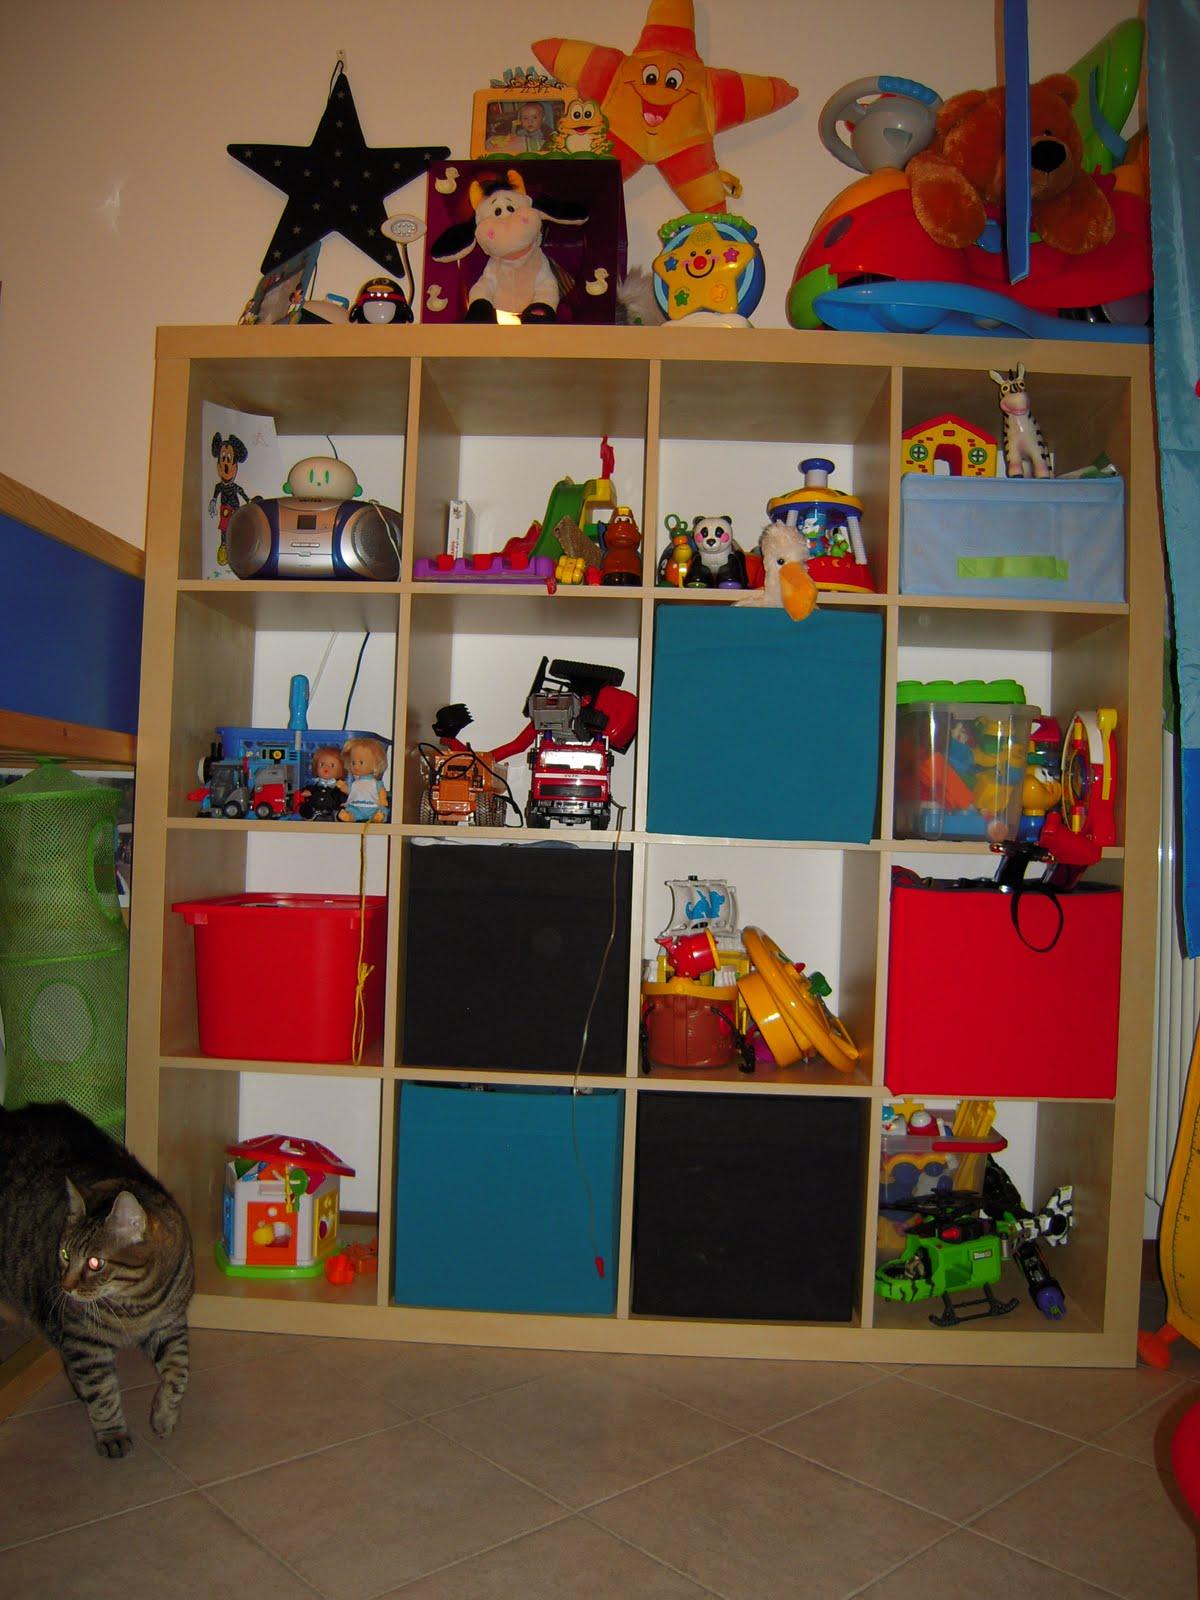 Mamma claudia e le avventure del topastro la tana del for Libreria per bambini ikea